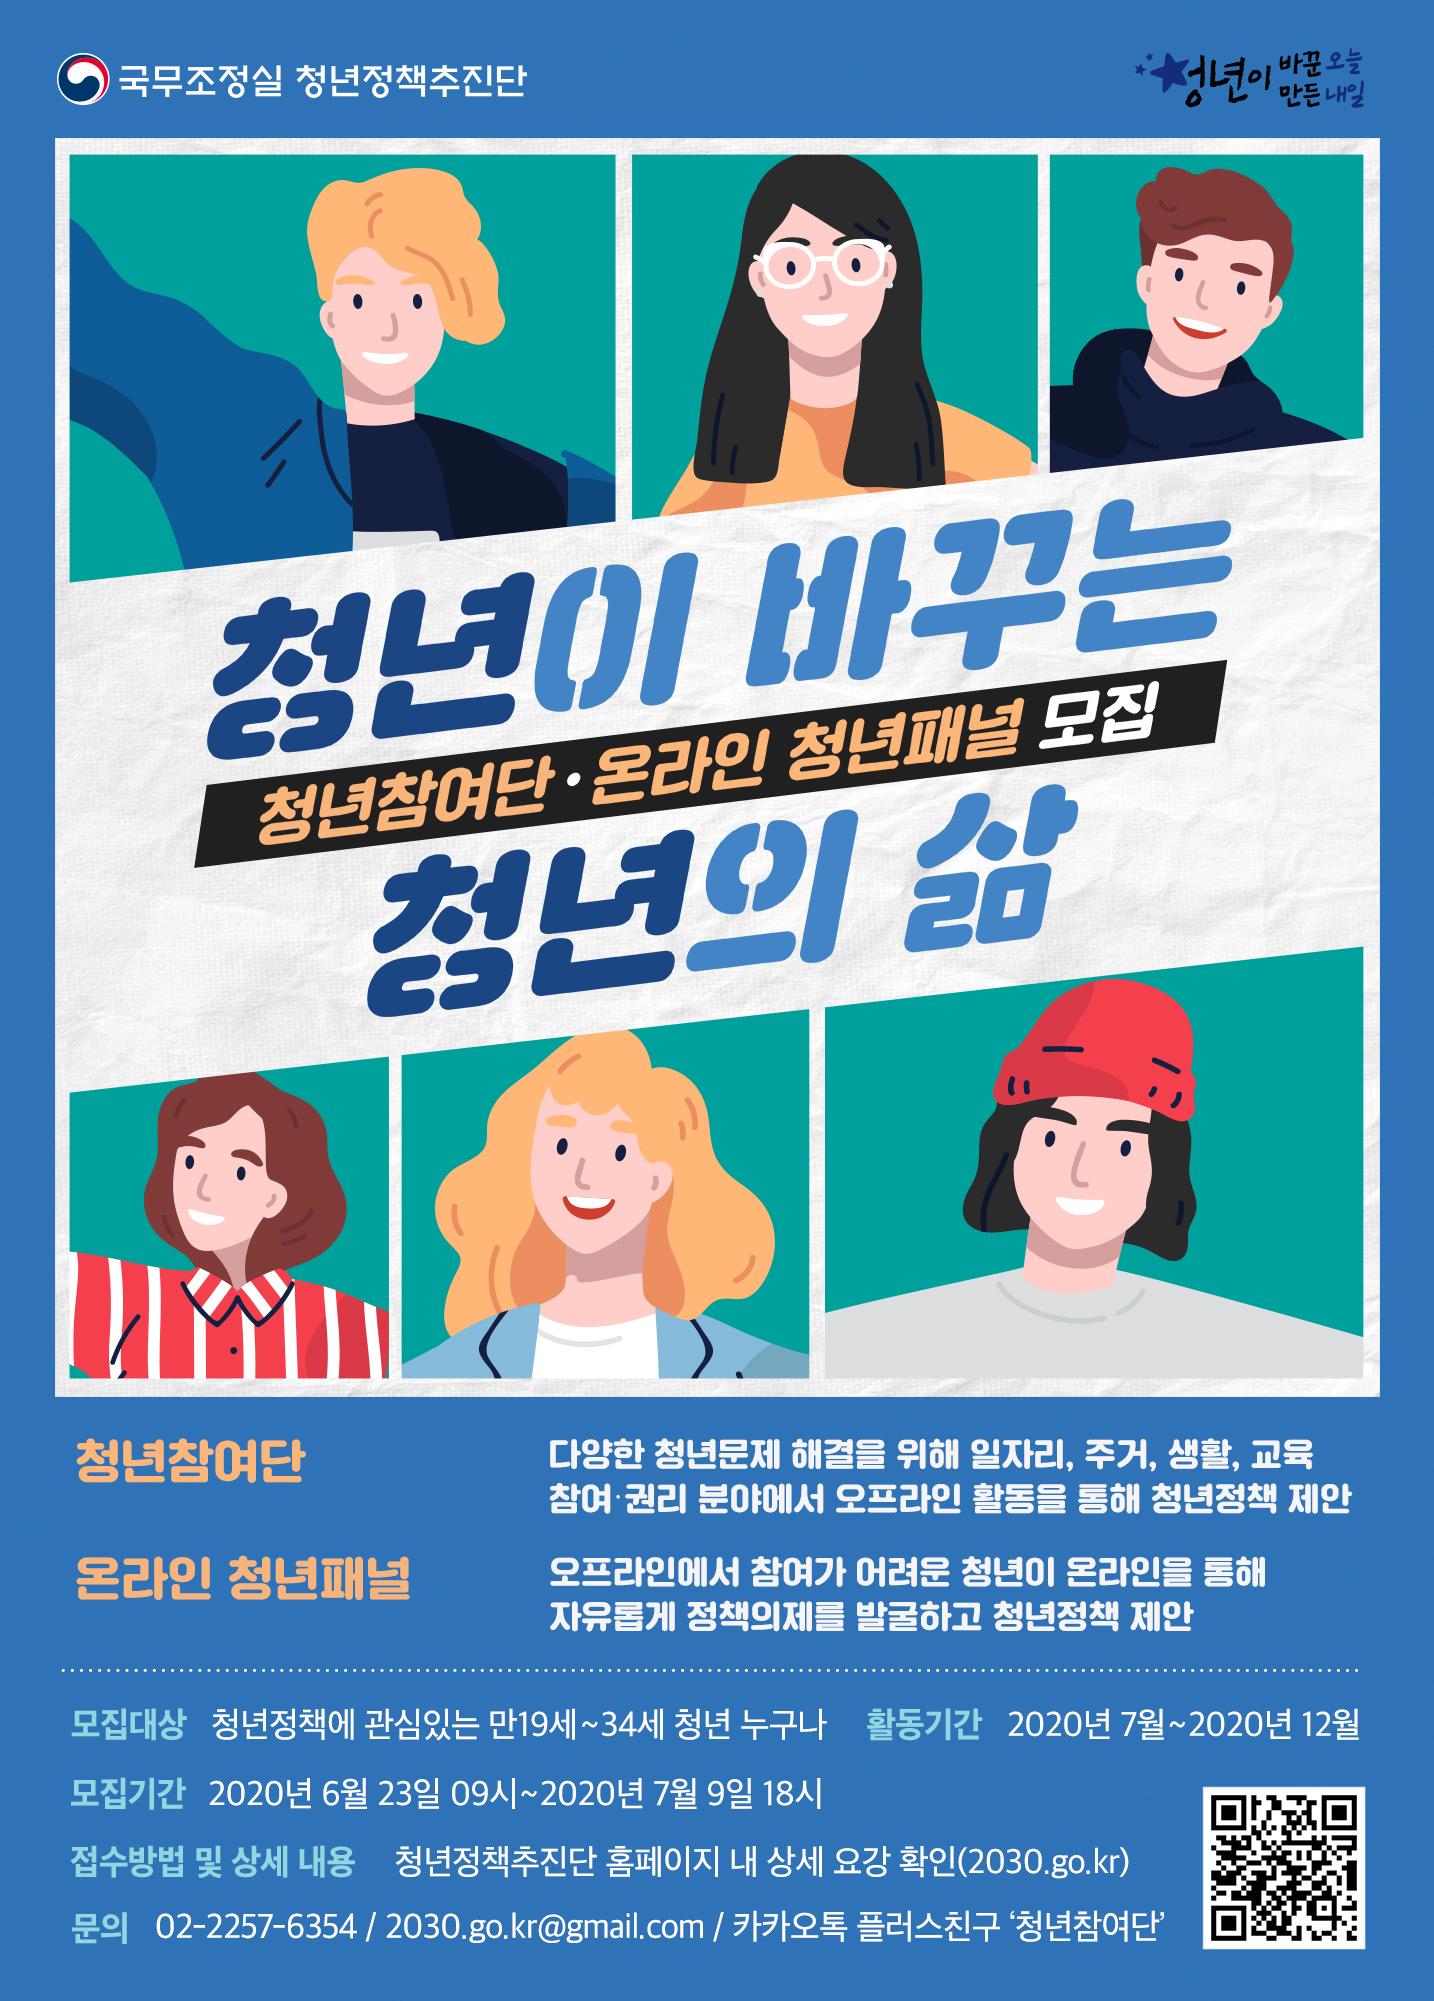 청년참여단 온라인청년패널 참여자 모집